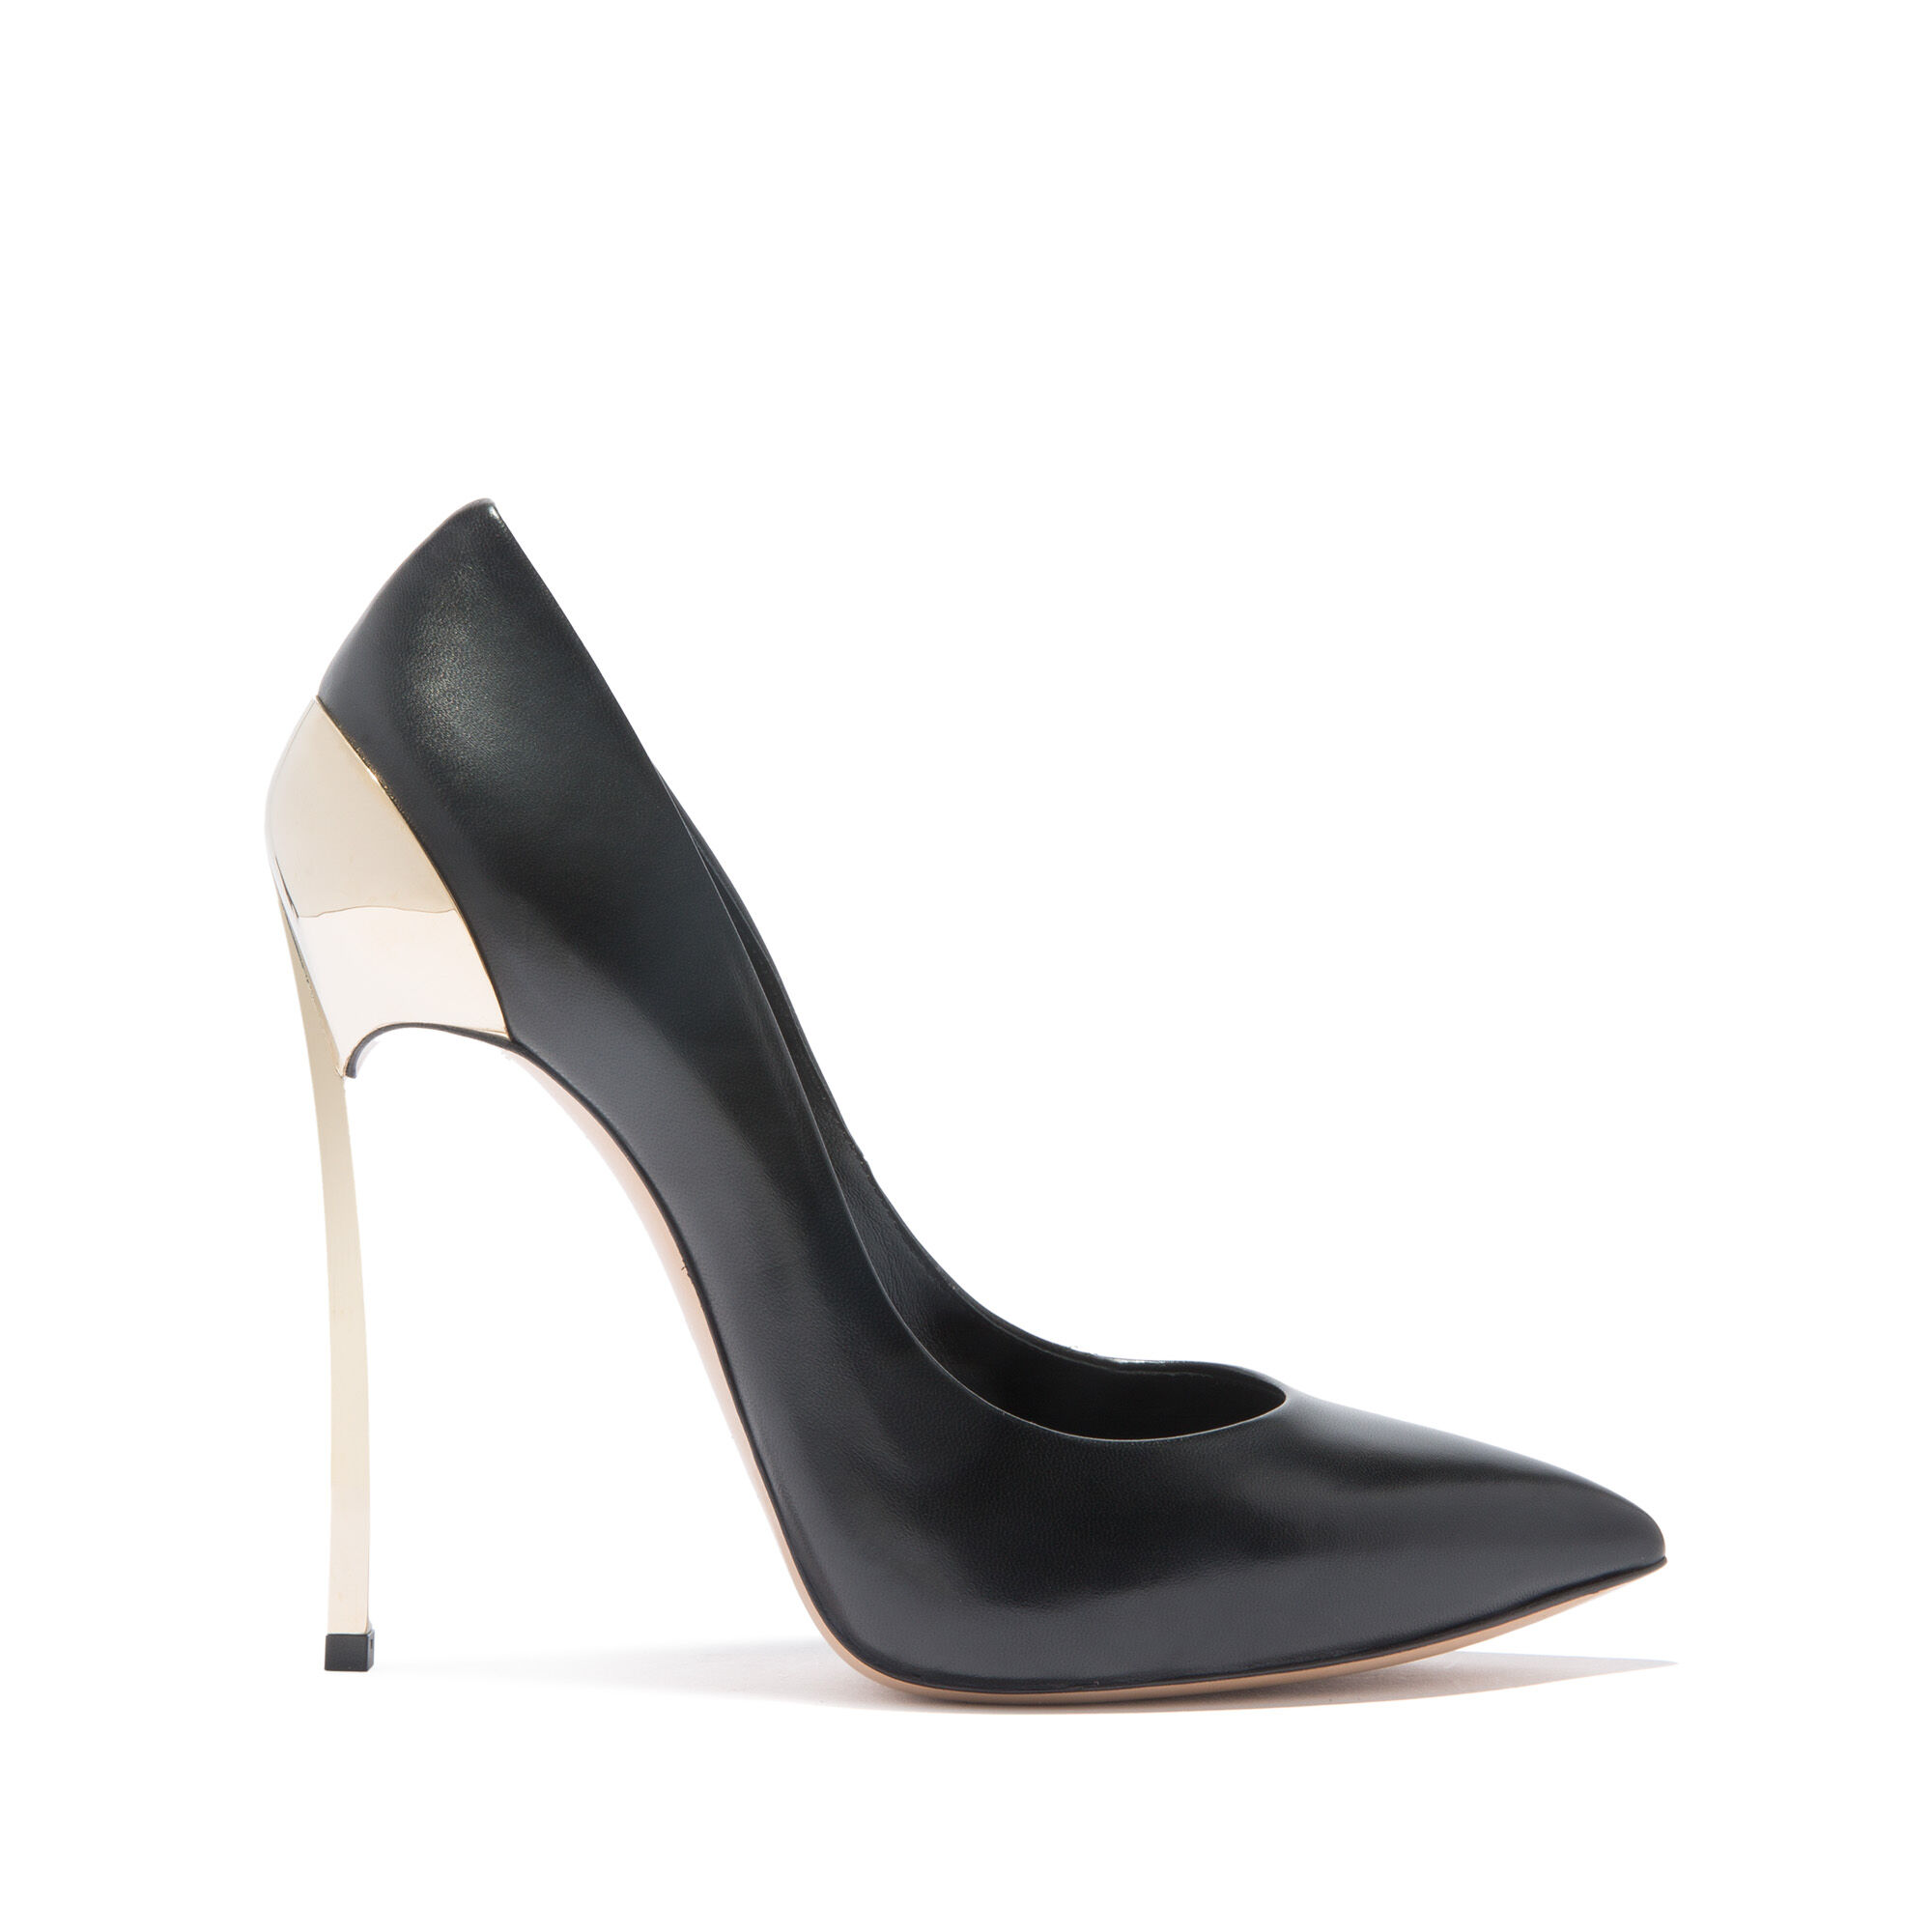 Casadei And Luxury Women's Designer PumpsTechno 9DIeYW2EH